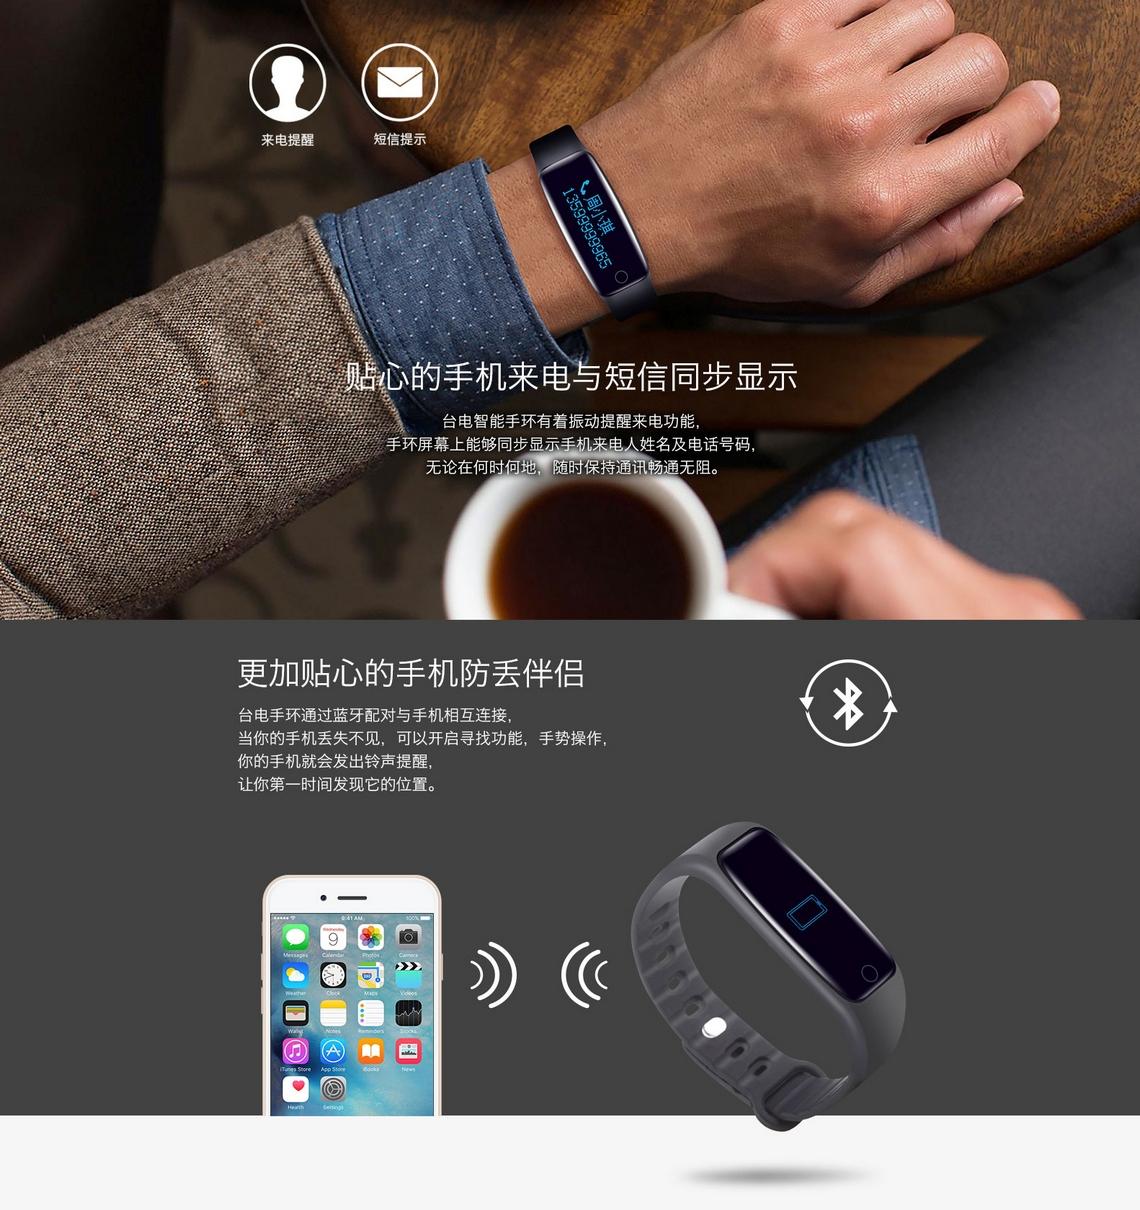 Teclast H30 smart bracelet (12)